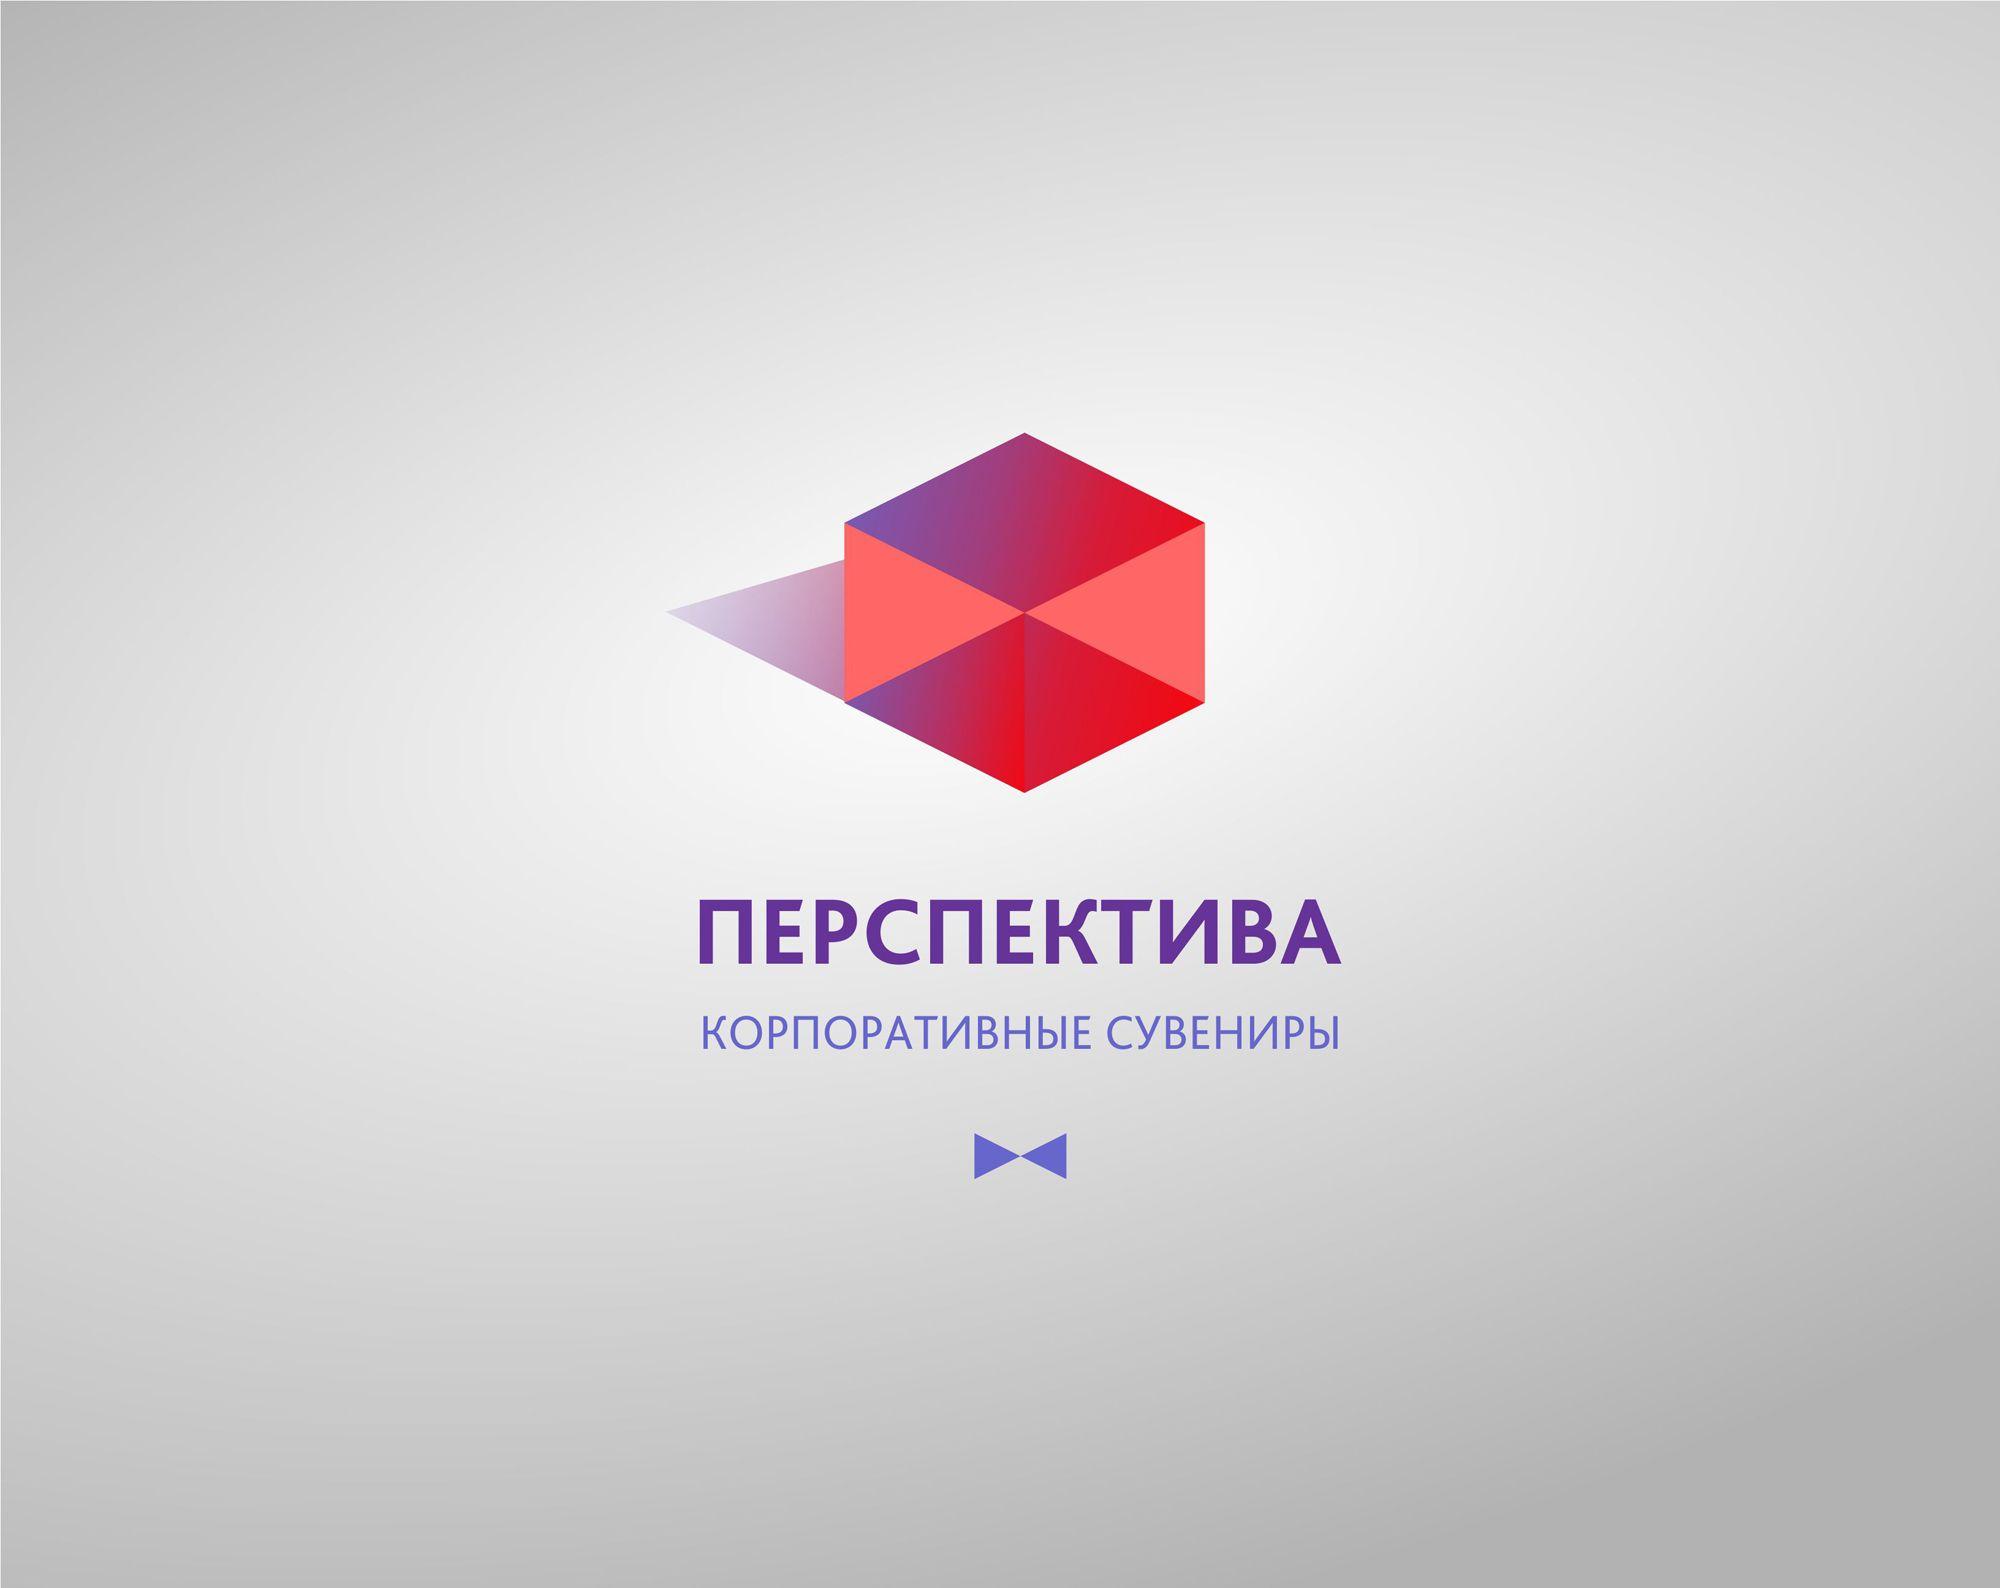 Логотип для компании  - дизайнер yula